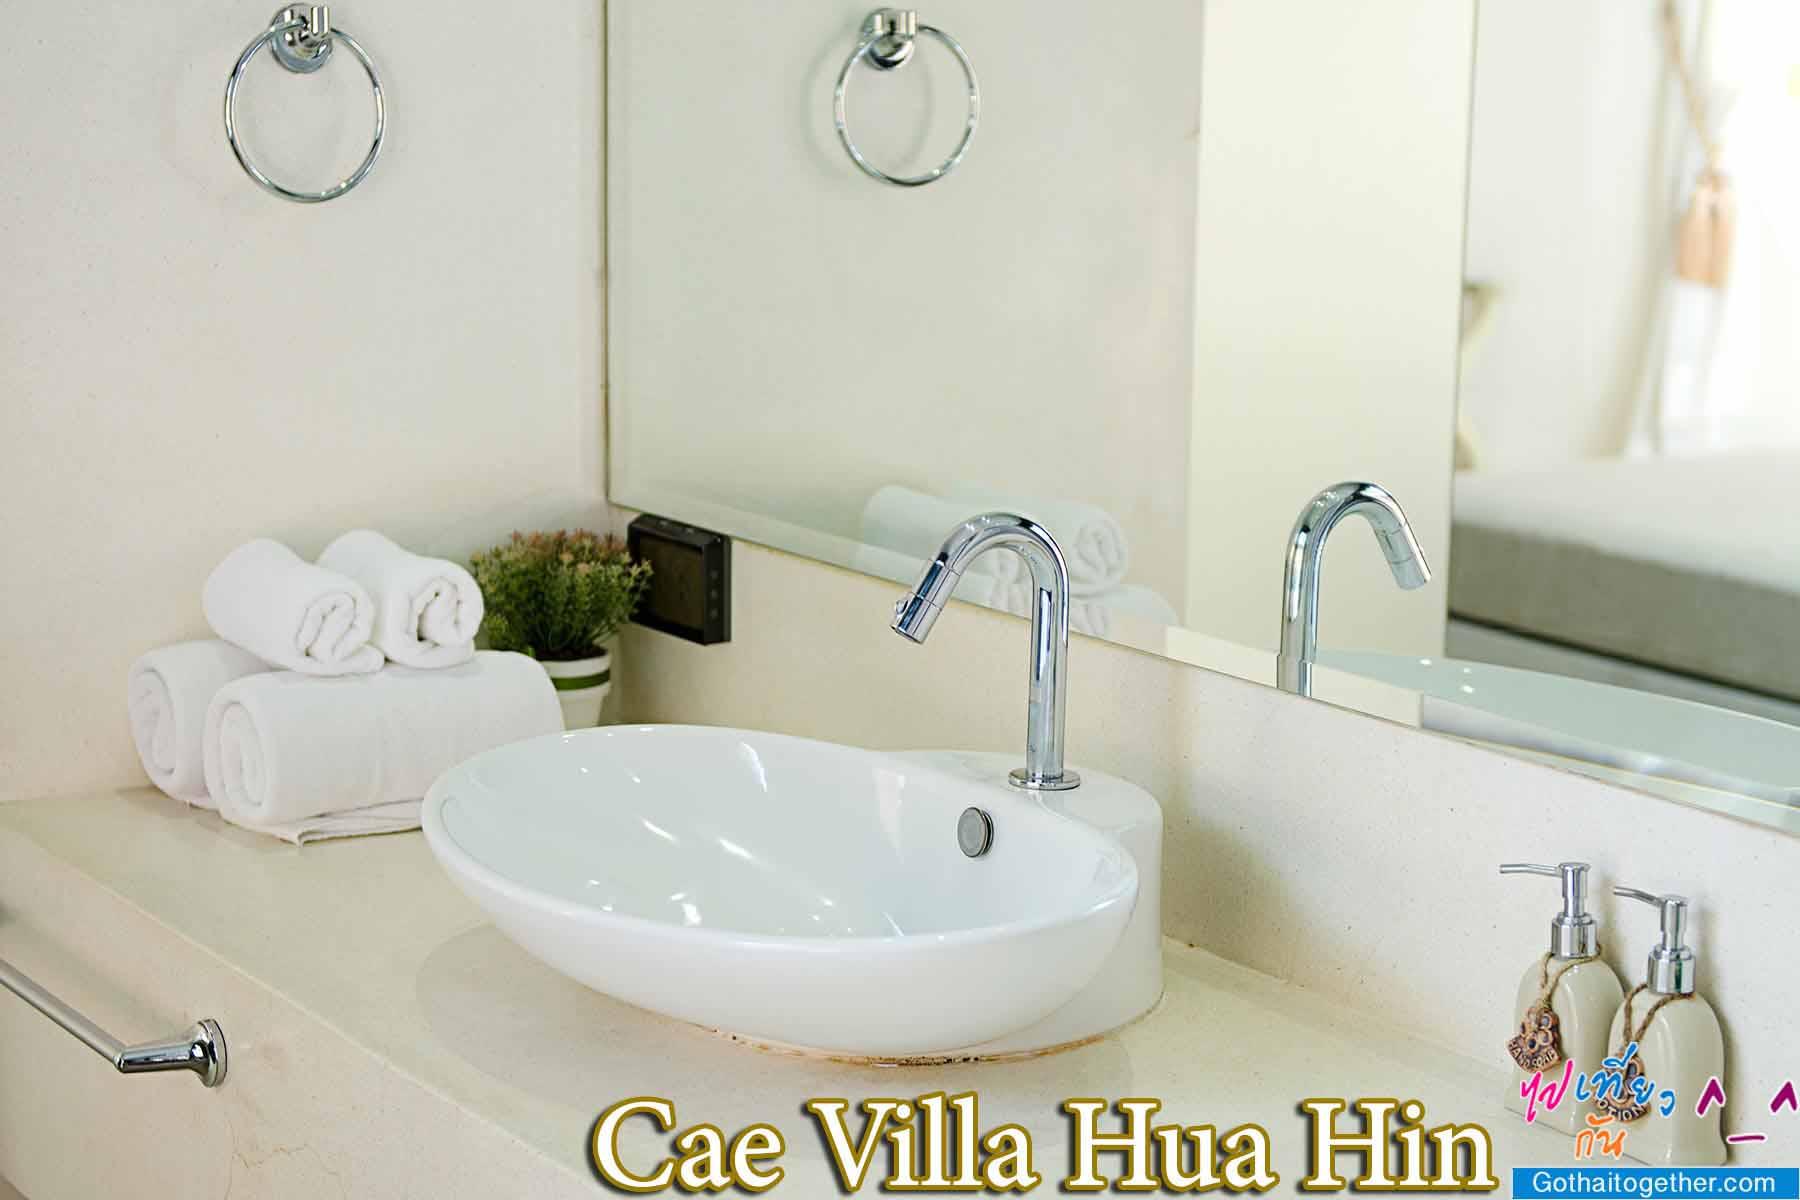 Cae Villa Hua Hin 45